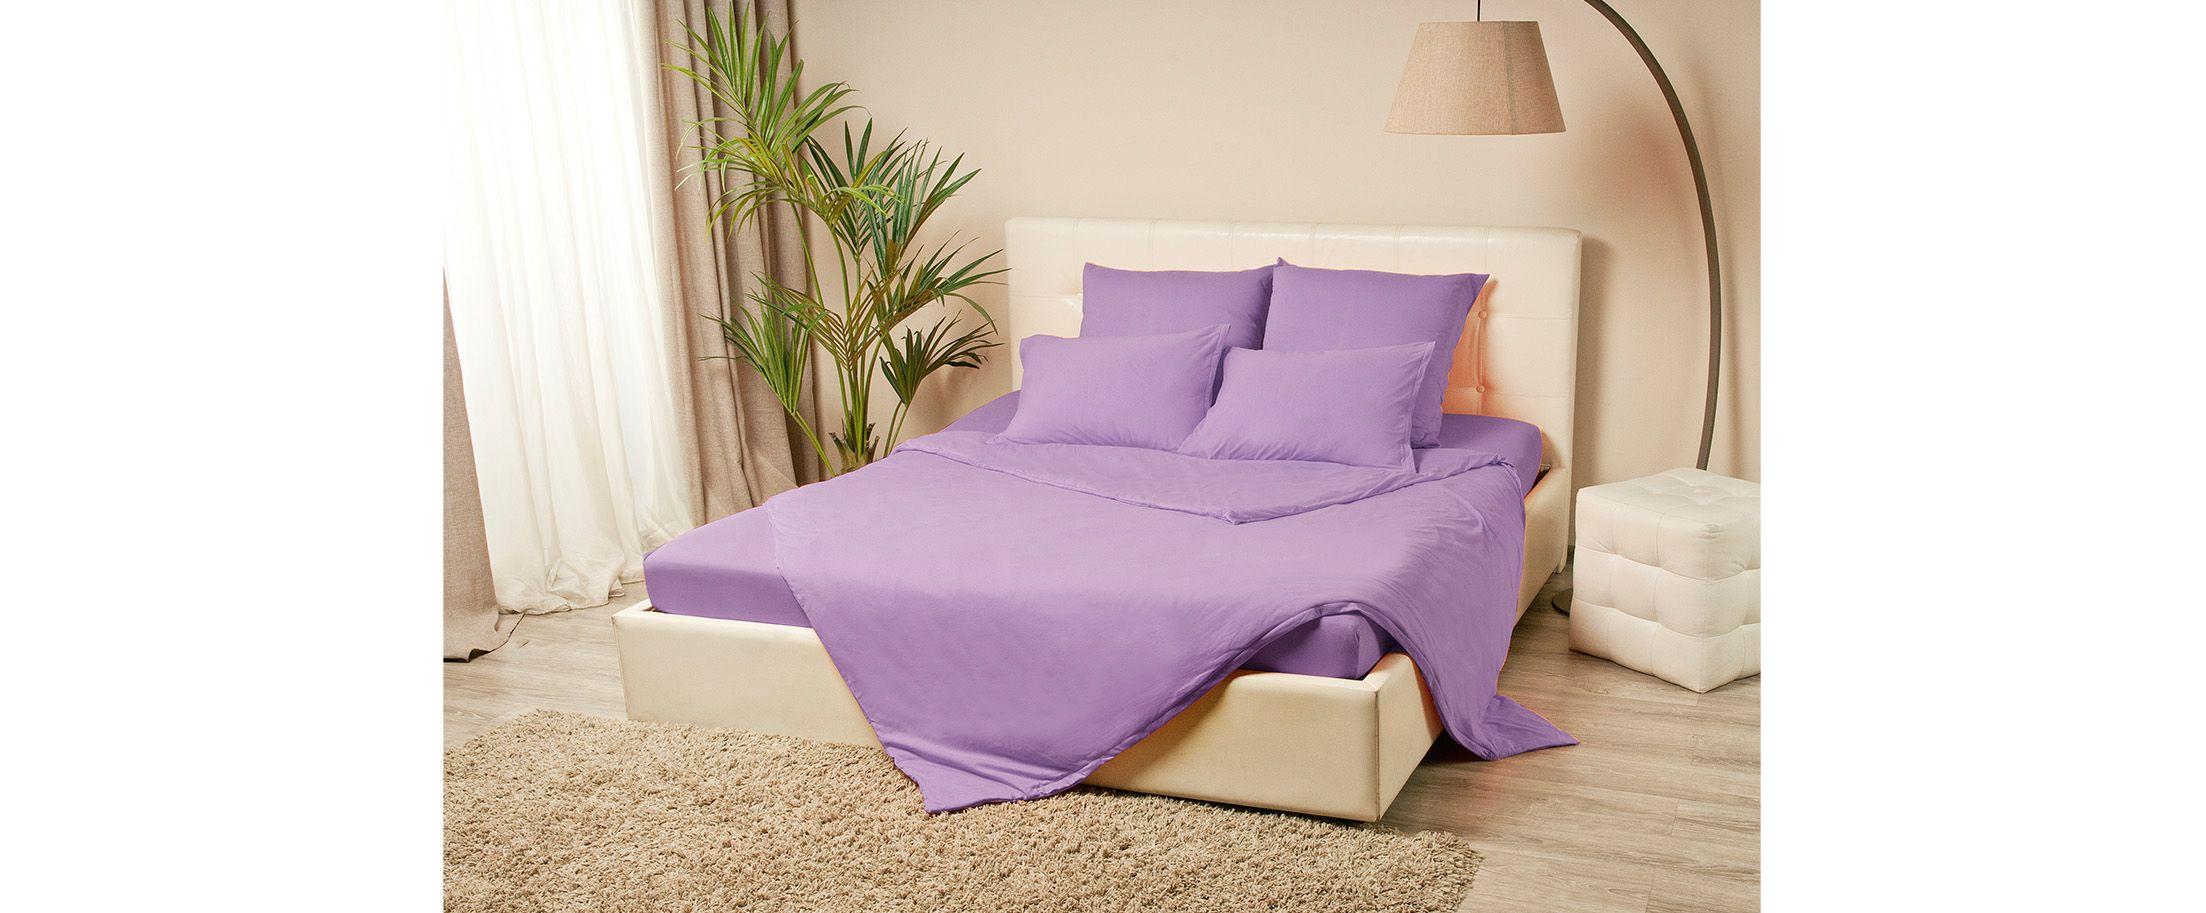 Простыня трикотажная на резинке 120х200 сиреневого цвета Violett Модель 4000